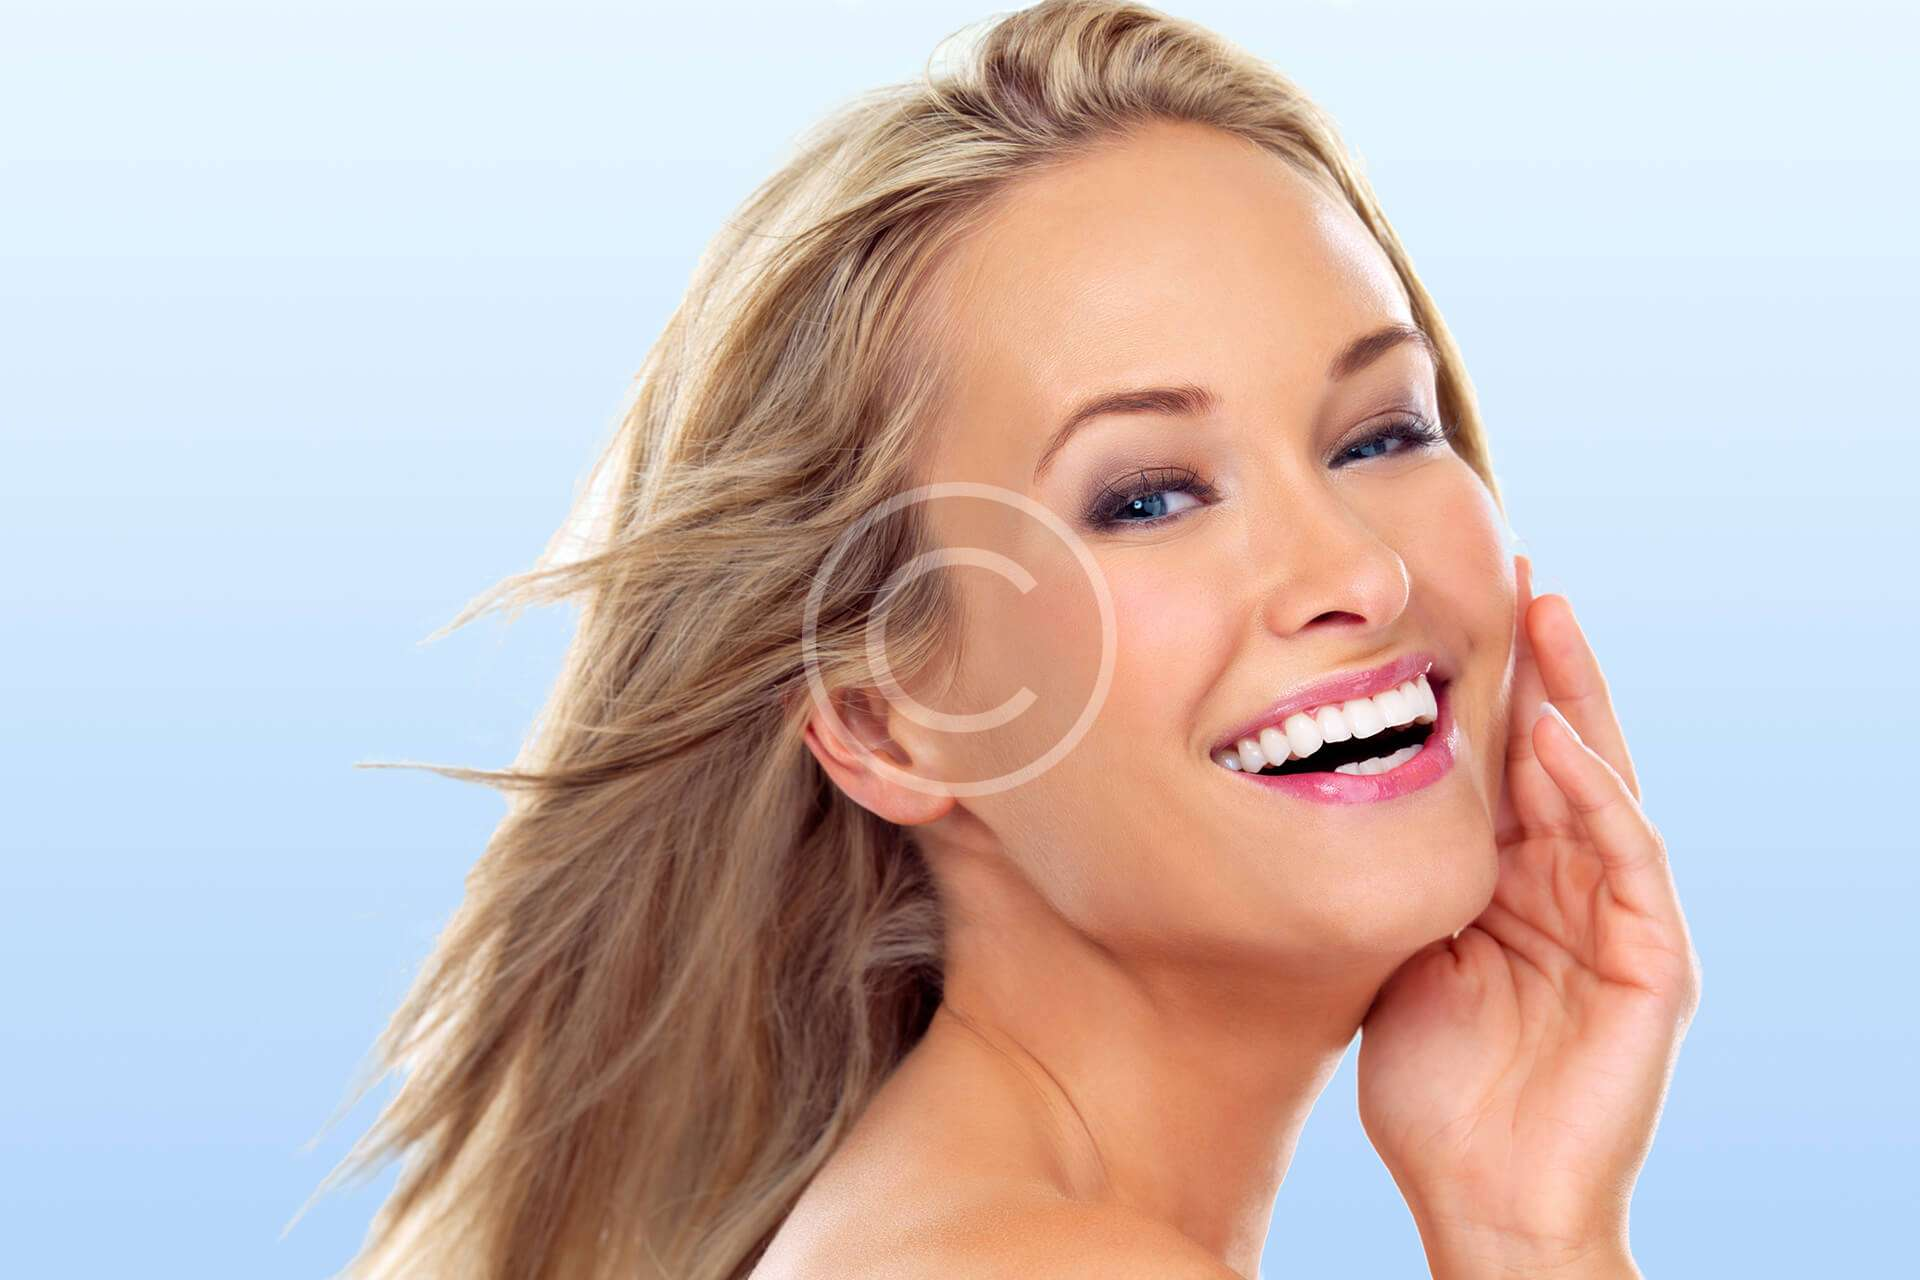 Facial Aesthetic Surgery